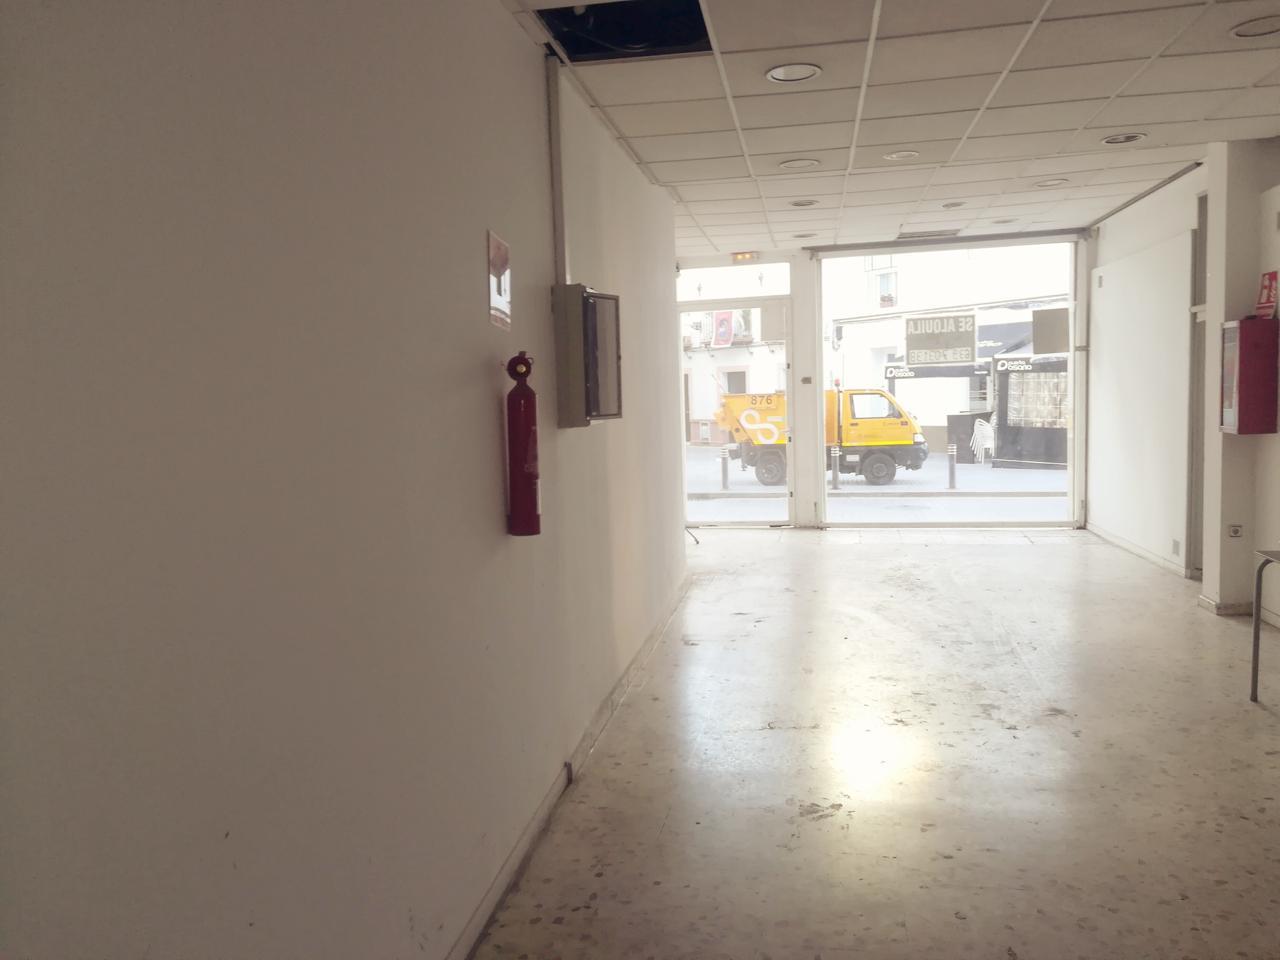 Local en alquiler larga duración con 105 m2,  en Casco Antiguo (Sevill